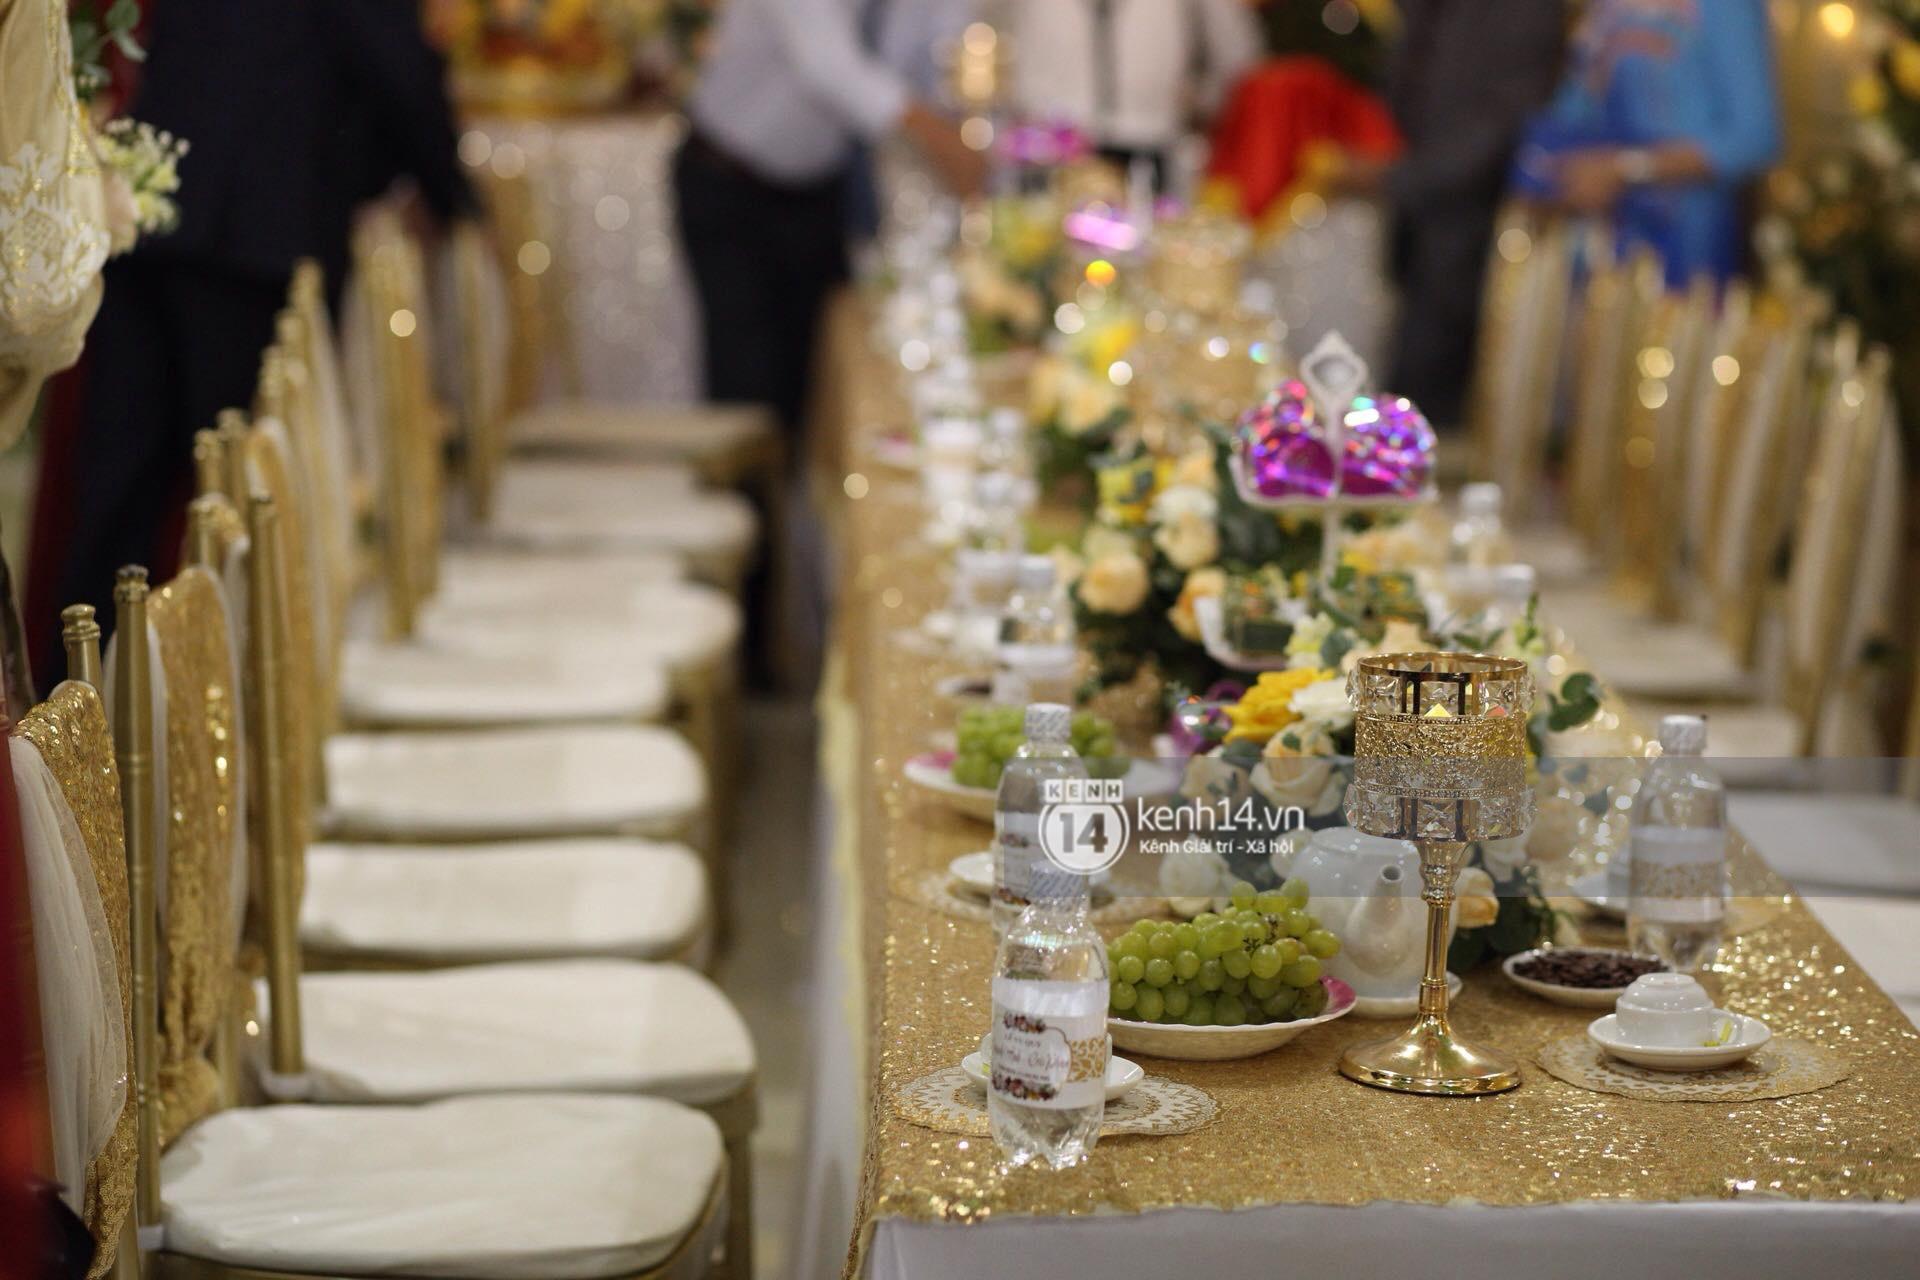 Cris Phan diện vest lịch lãm sánh đôi cùng Mai Quỳnh Anh khui sâm banh ở nhà hàng tiệc cưới - Ảnh 3.